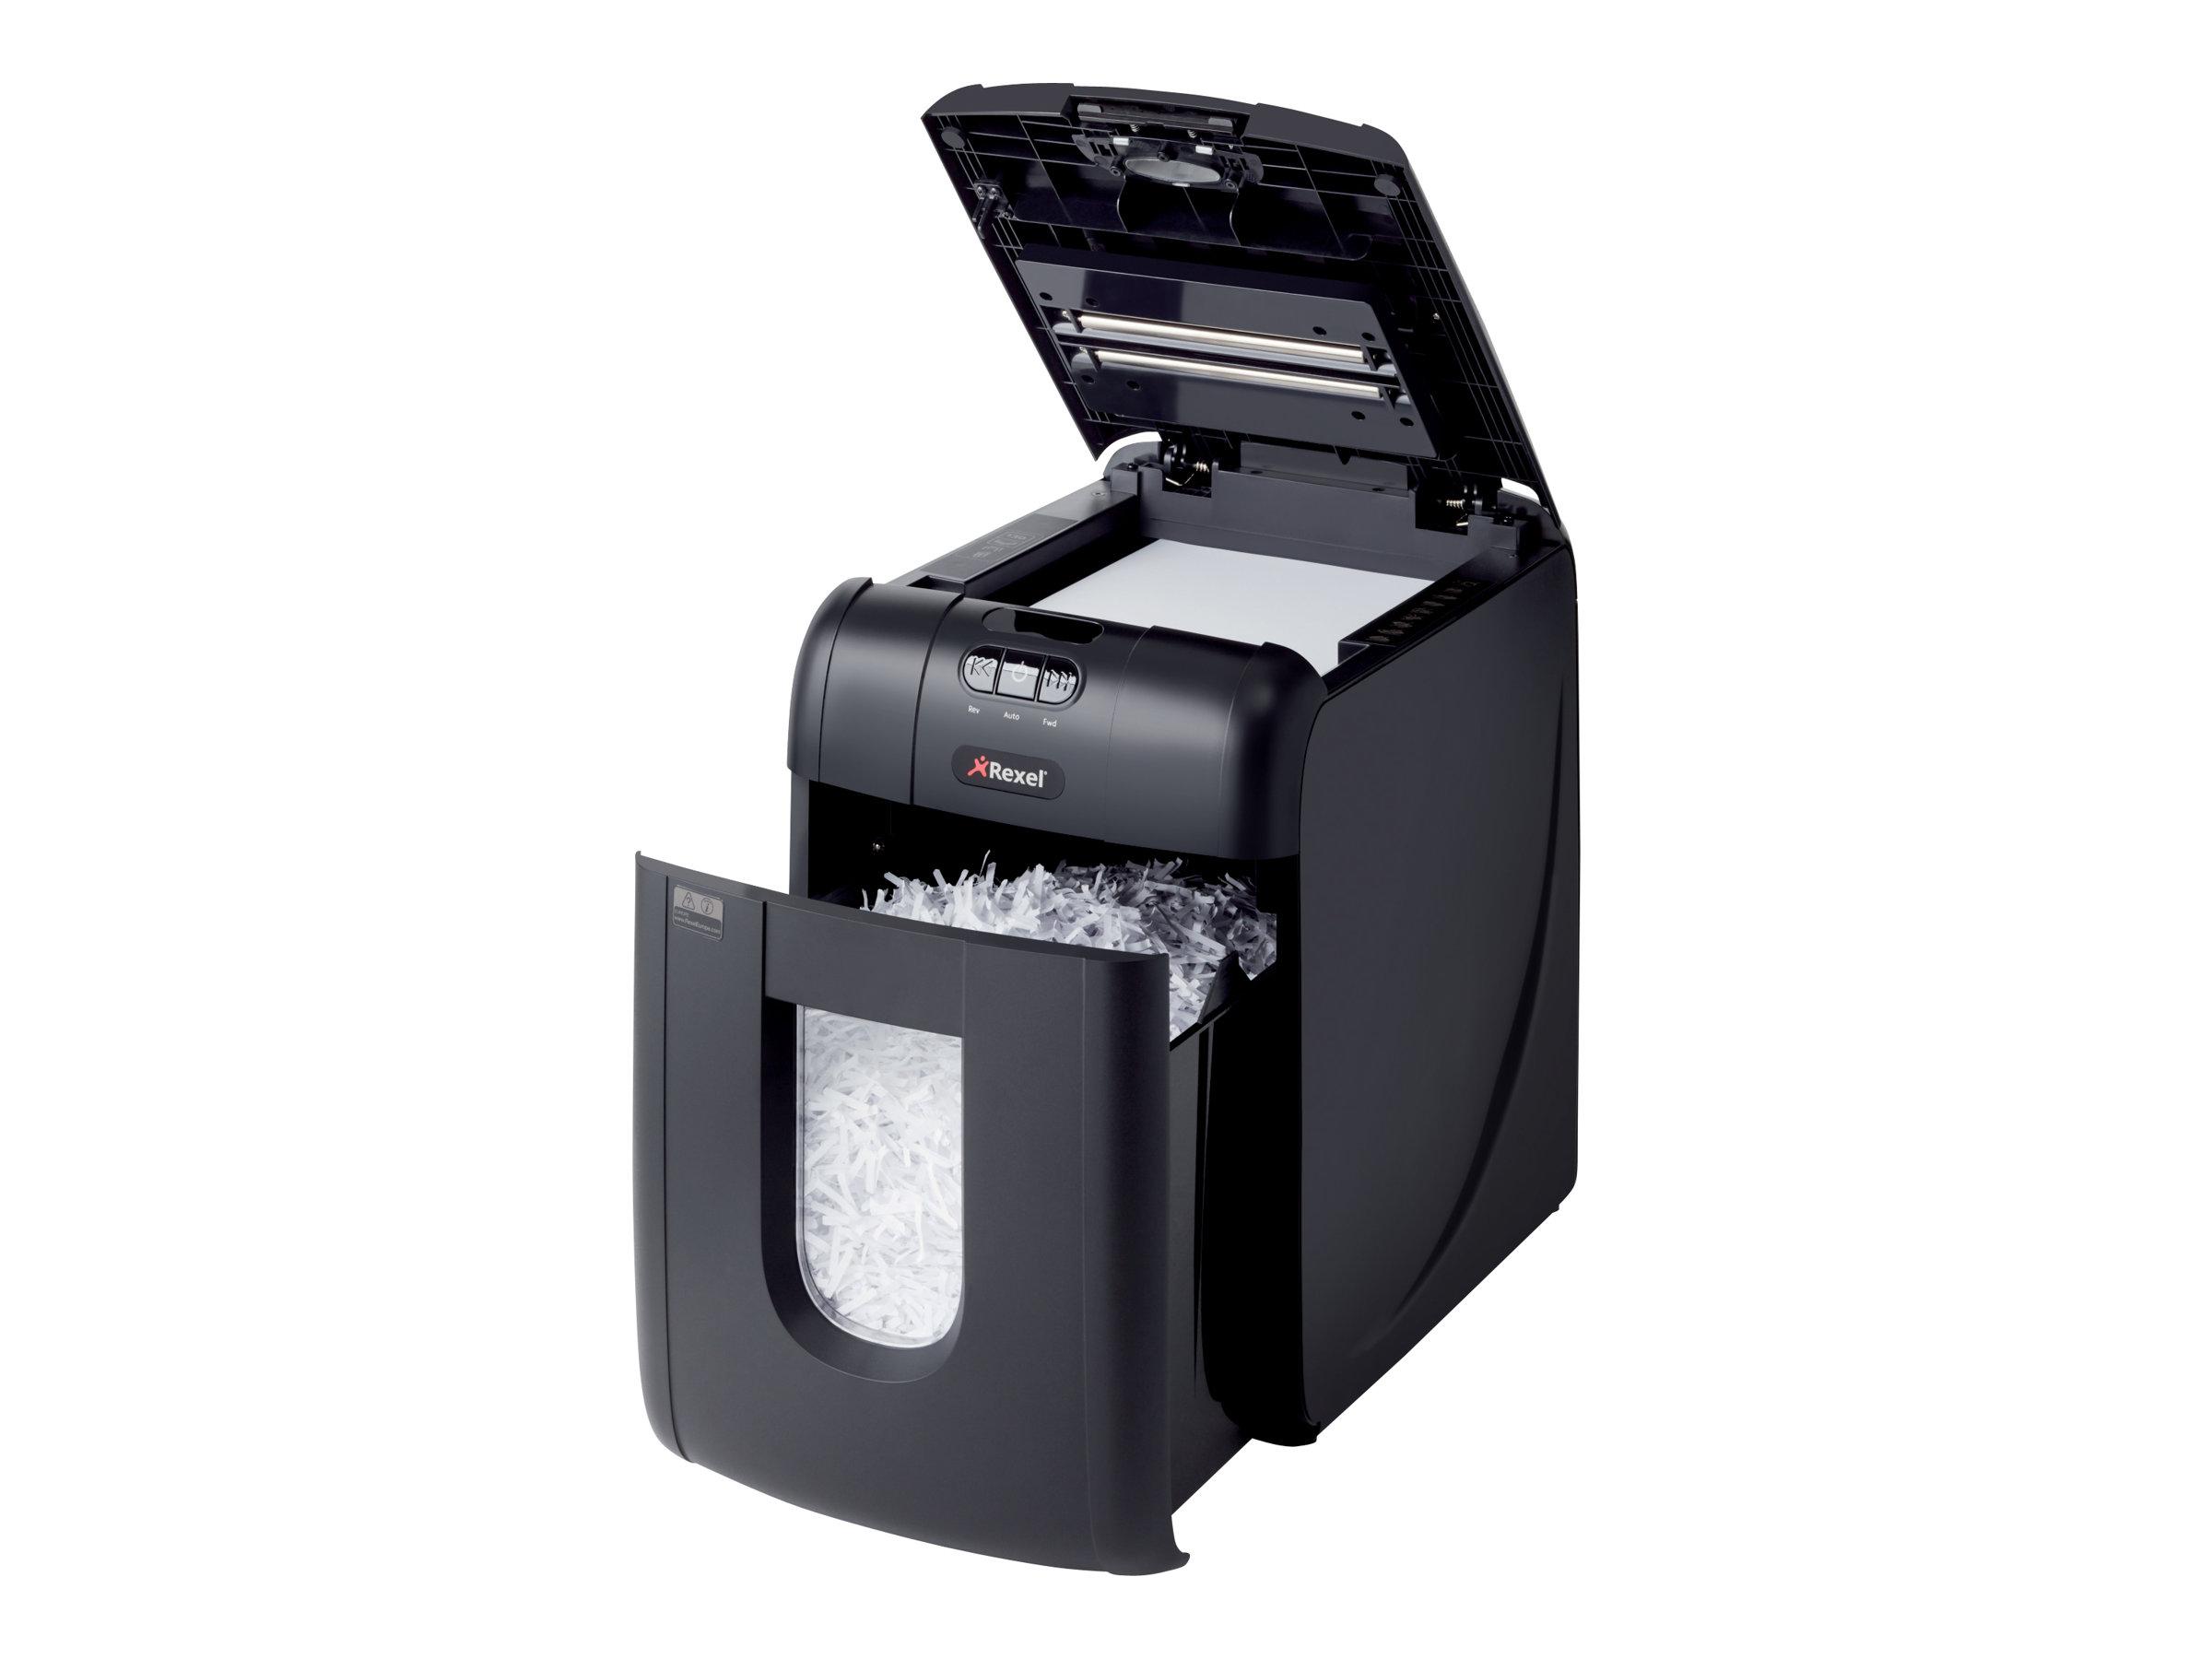 Rexel Auto+ 130X - destructeur de documents coupe croisée - 130 feuilles - Corbeille 26 litres